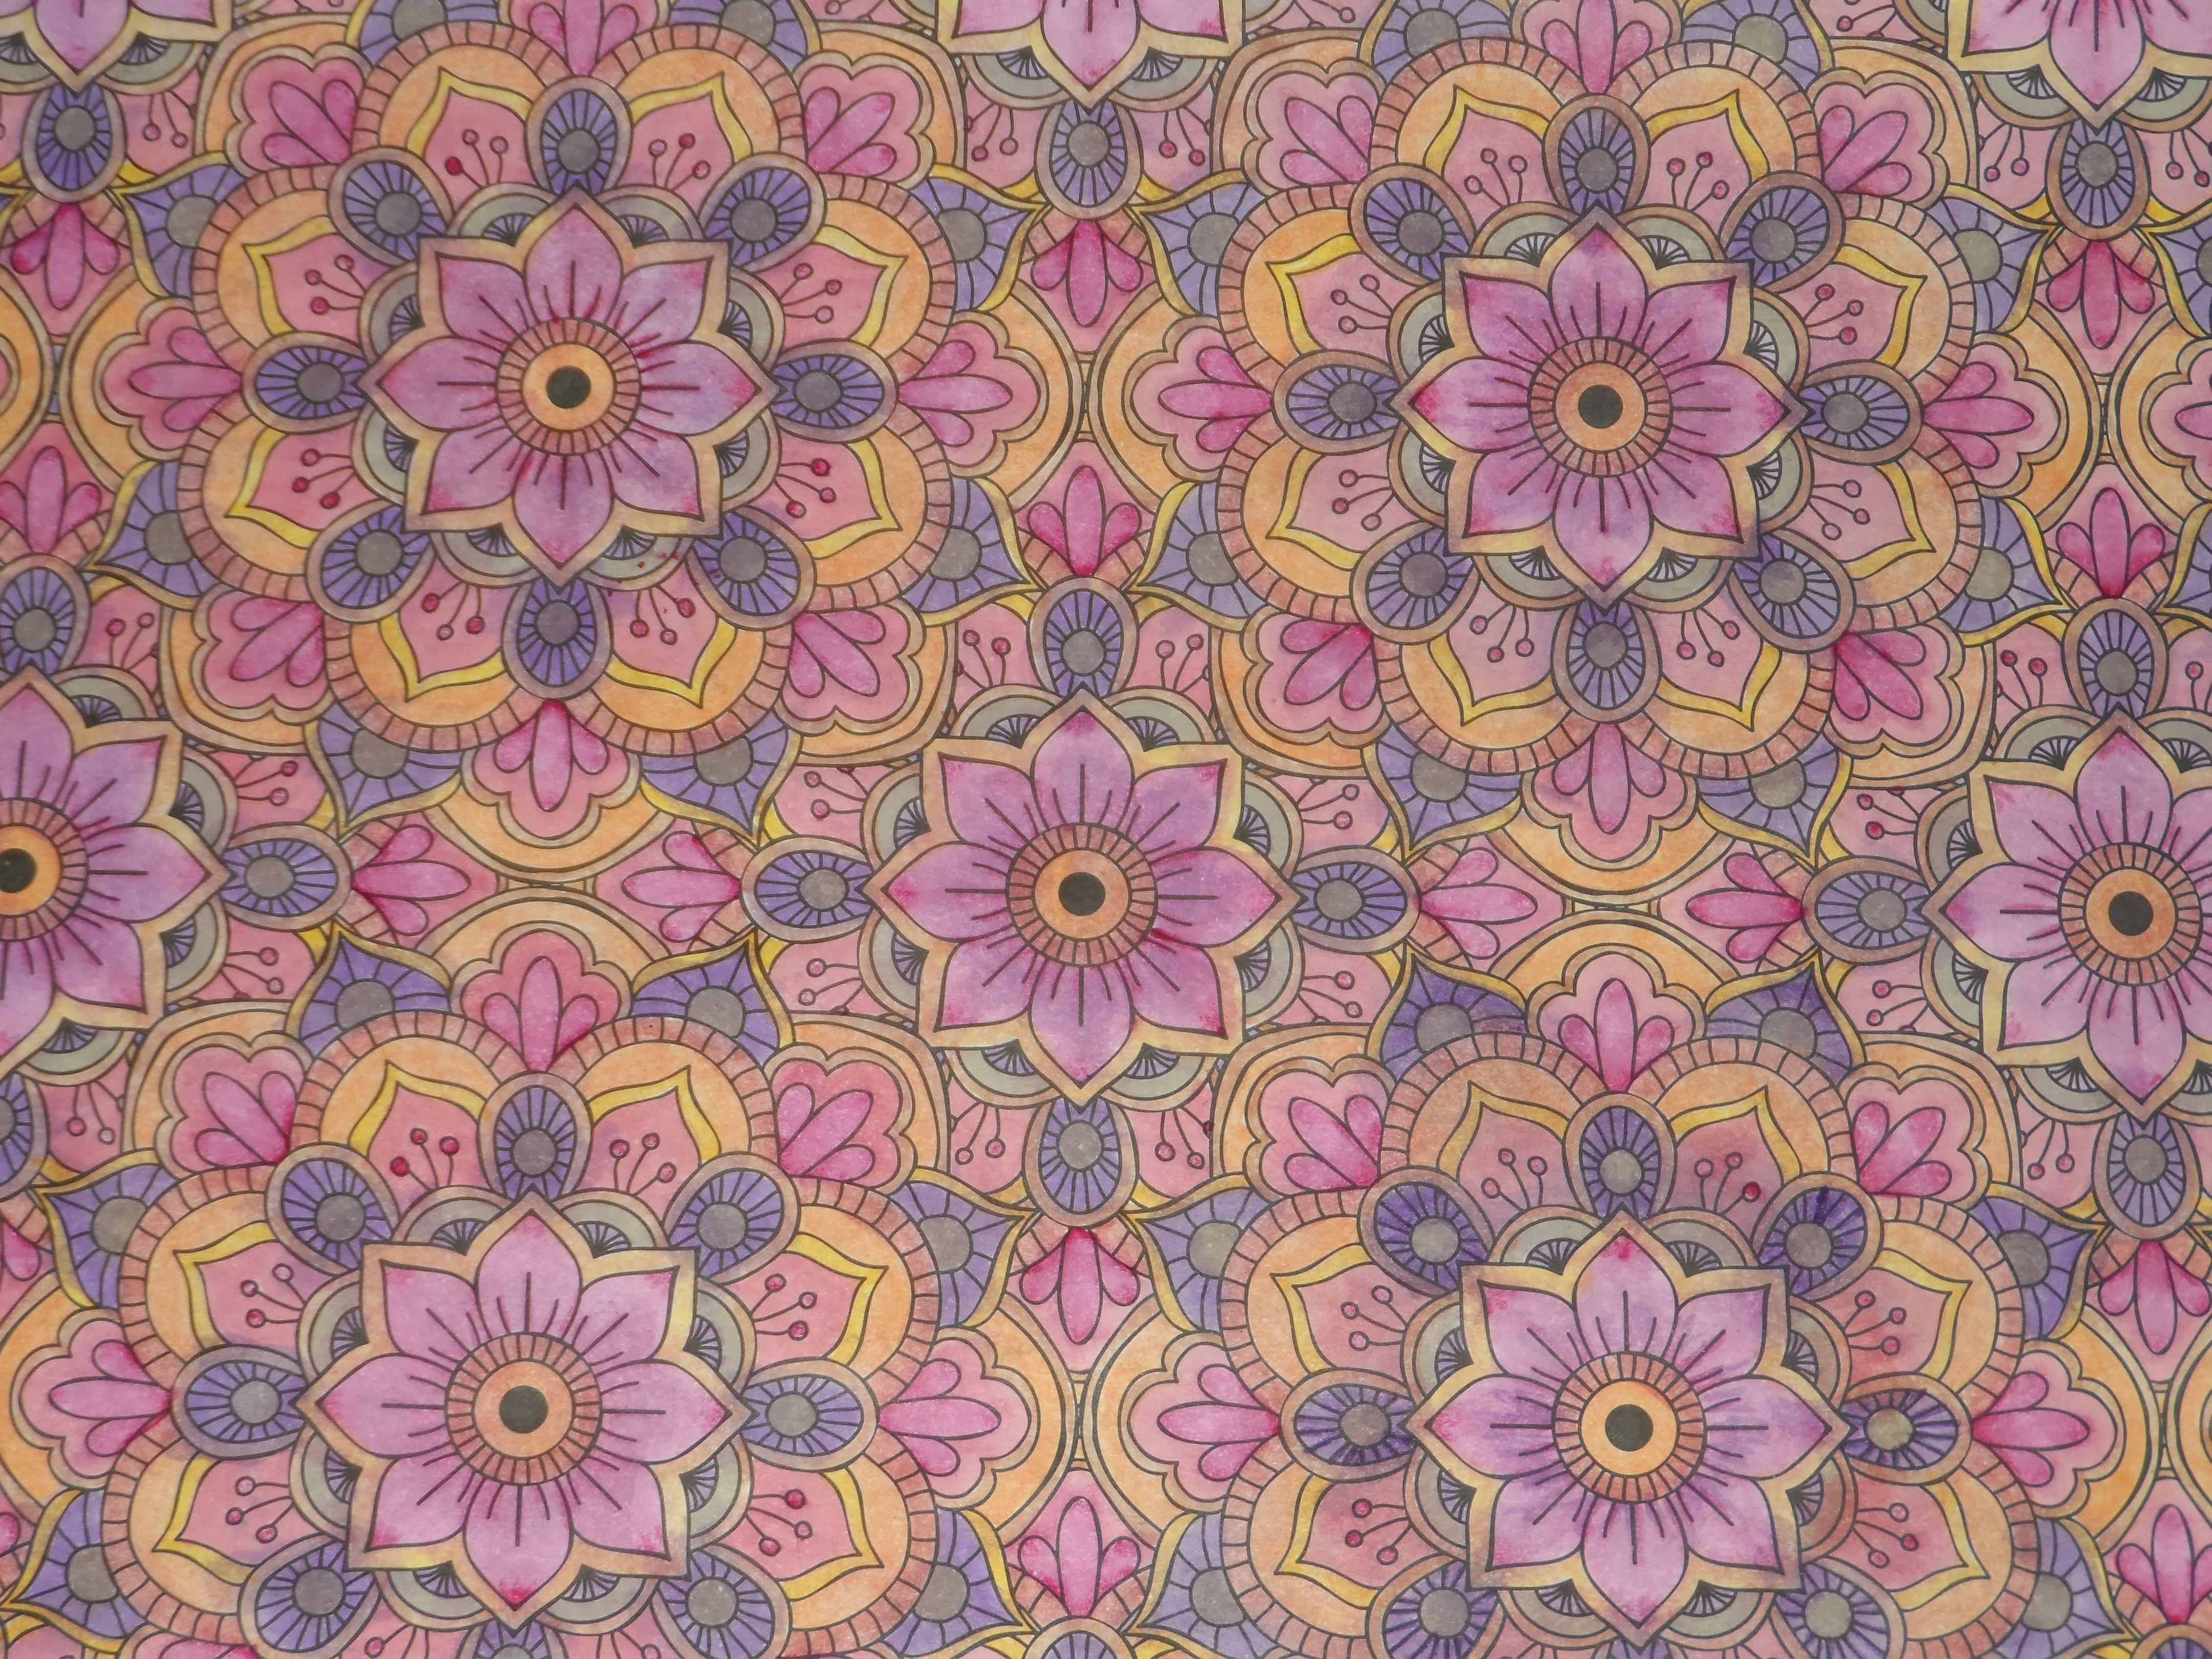 Kaleidoscope flower mandala photo